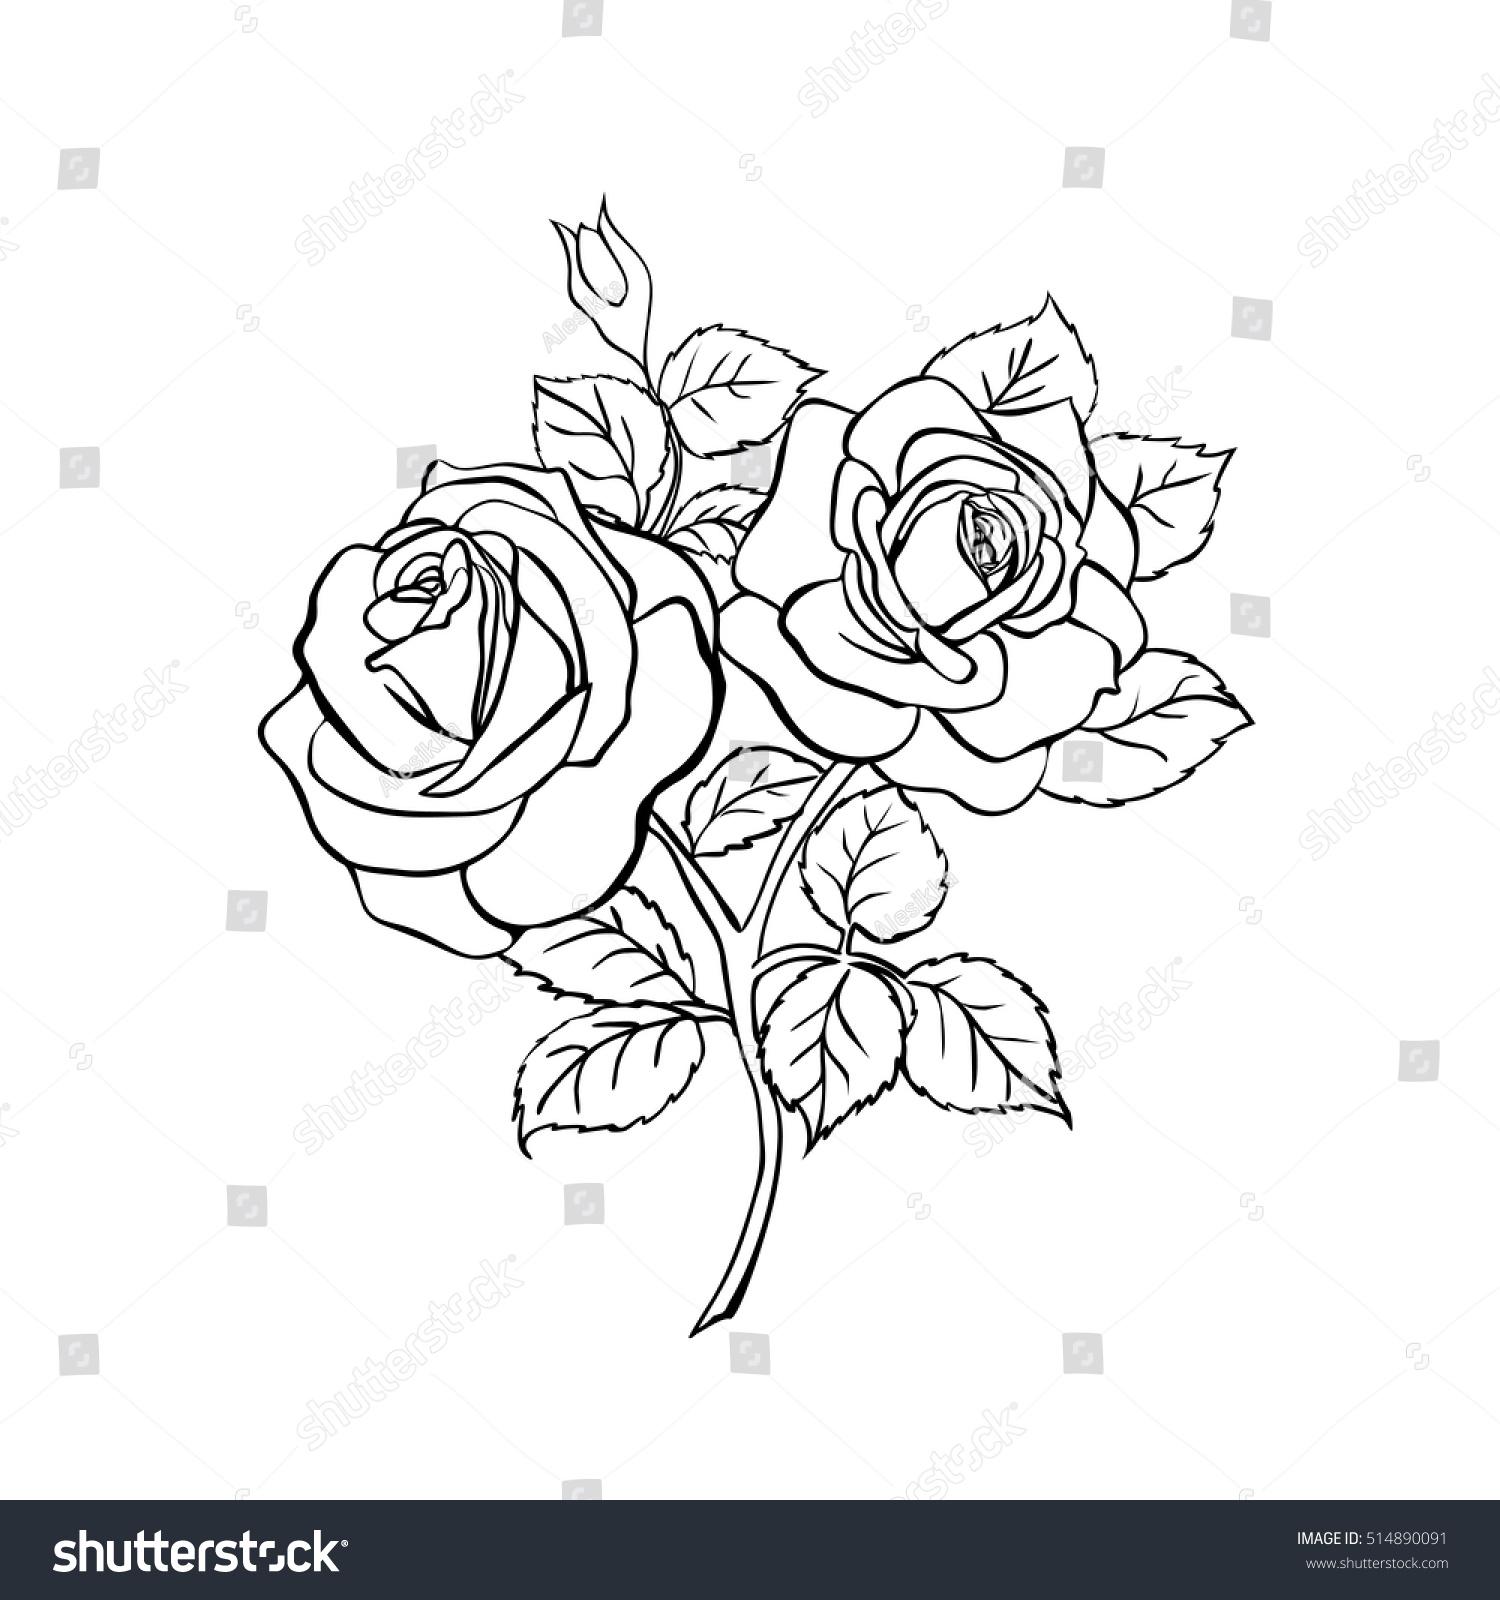 Rose Sketch Black Outline On White Stock Vector 514890091 - Shutterstock